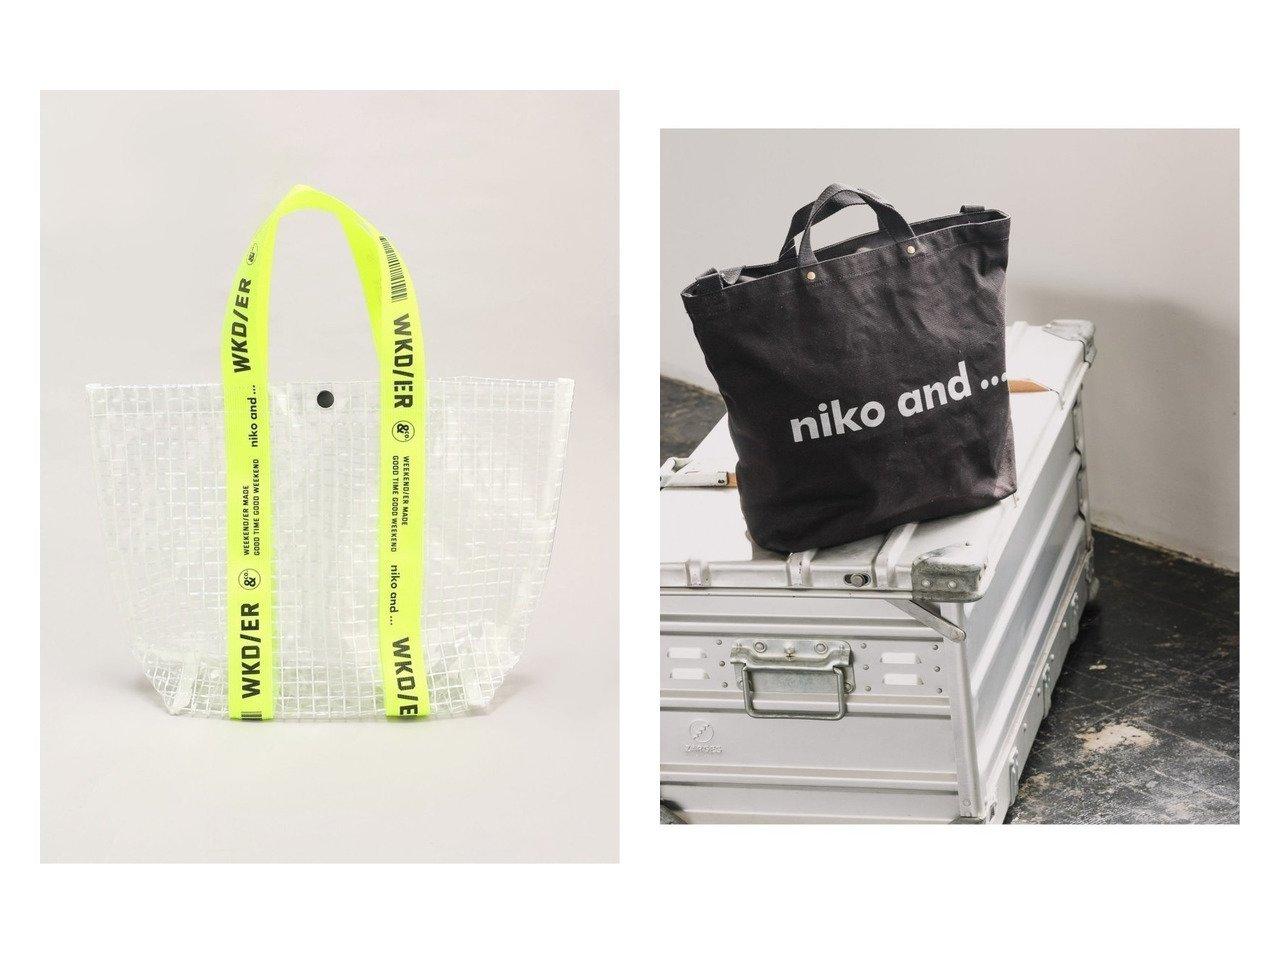 【niko and…/ニコアンド】のOR WE-ランチバッグ&WEB限定 ニコロゴトートバッグ2WAY 【プチプライス・低価格】おすすめ!人気、トレンド・レディースファッションの通販 おすすめで人気の流行・トレンド、ファッションの通販商品 インテリア・家具・メンズファッション・キッズファッション・レディースファッション・服の通販 founy(ファニー) https://founy.com/ ファッション Fashion レディースファッション WOMEN バッグ Bag NEW・新作・新着・新入荷 New Arrivals おすすめ Recommend ポーチ 財布 ショルダー シルバー バランス フォルム プリント ポケット 人気 軽量 |ID:crp329100000042710